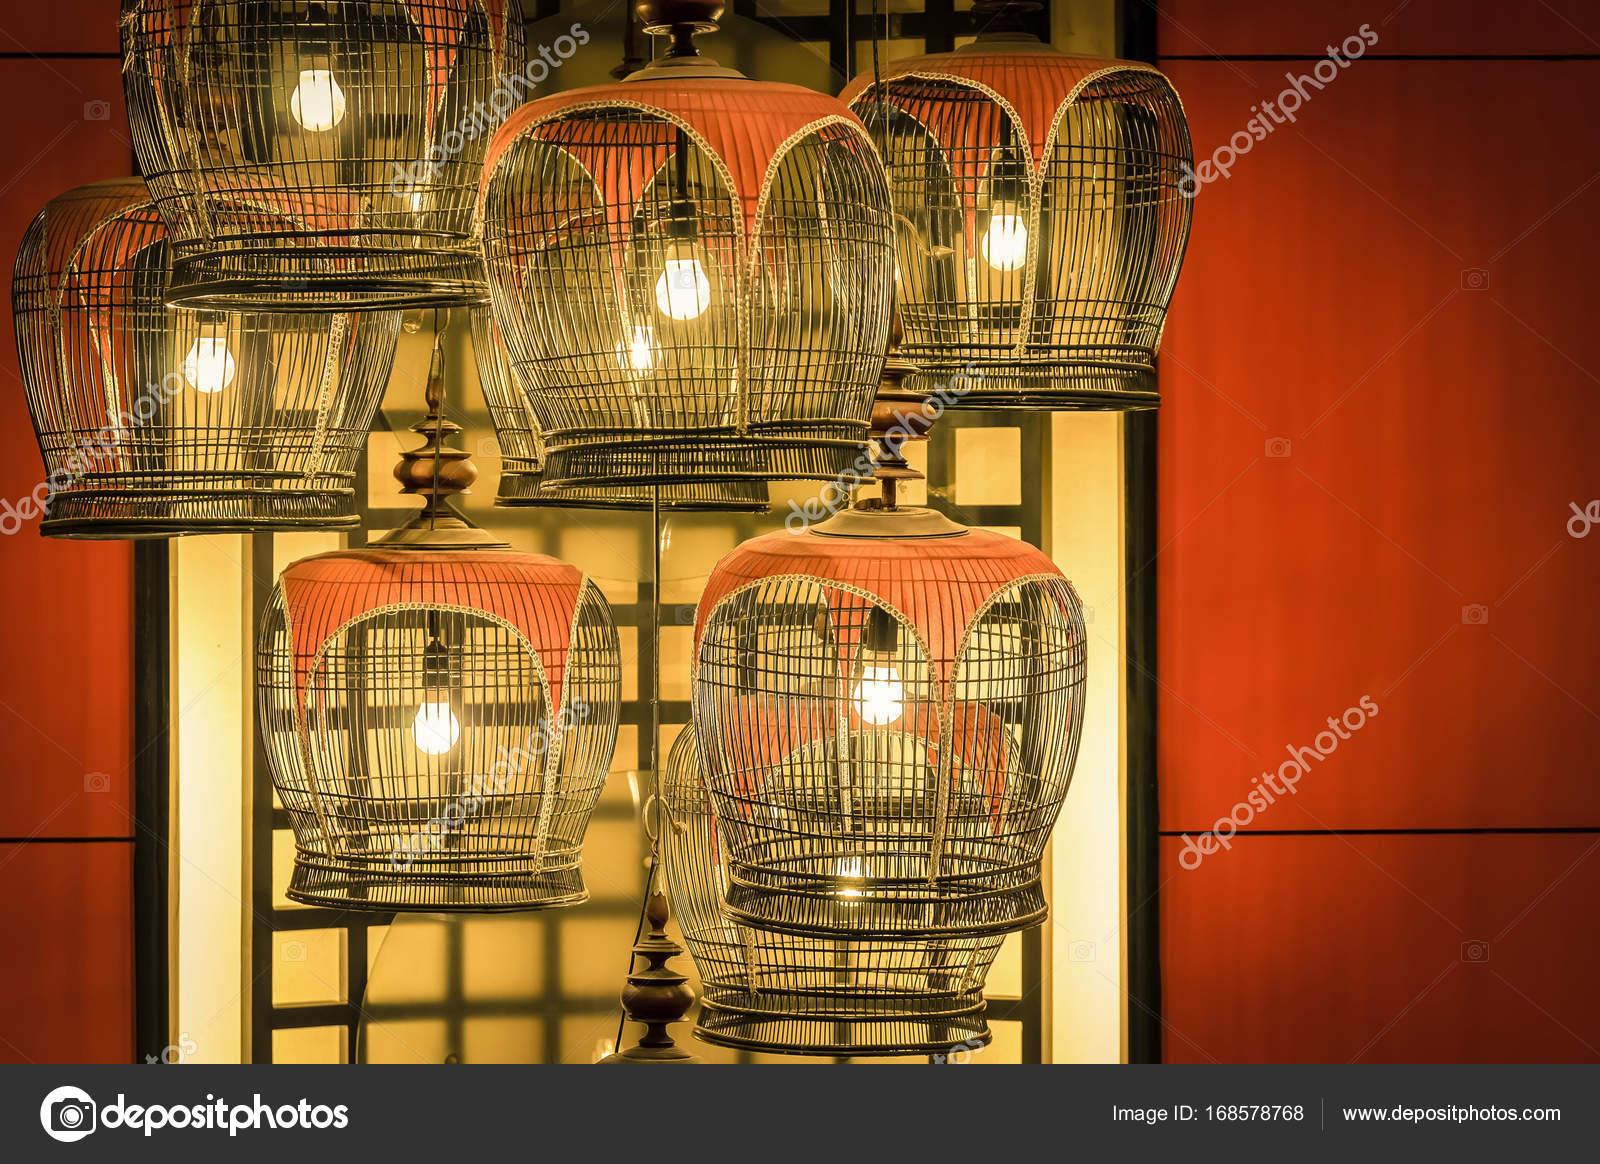 décorations de lampe cage oiseau — Photographie Tzido © #168578768